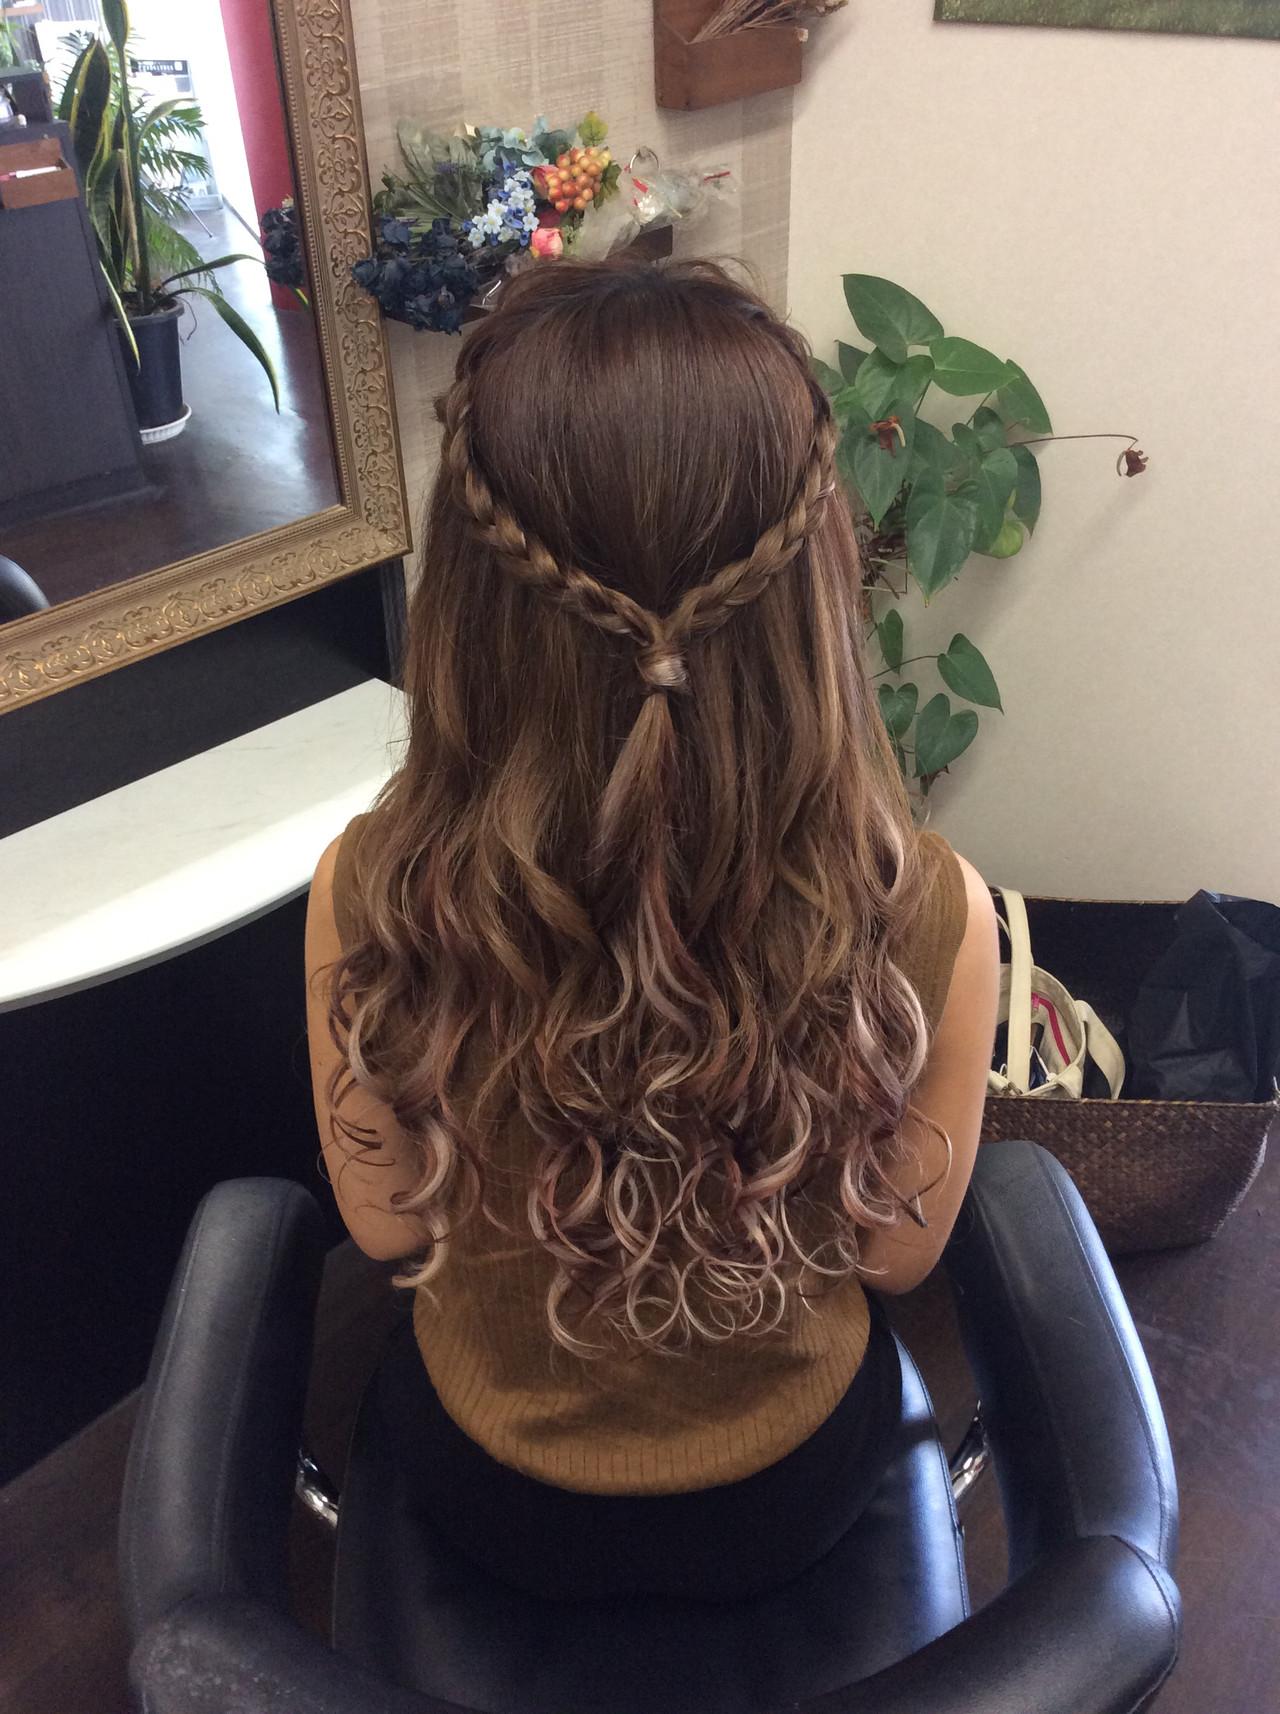 ナチュラル ロング 簡単ヘアアレンジ デート ヘアスタイルや髪型の写真・画像 | rumiLINKS美容室 / リンクス美容室